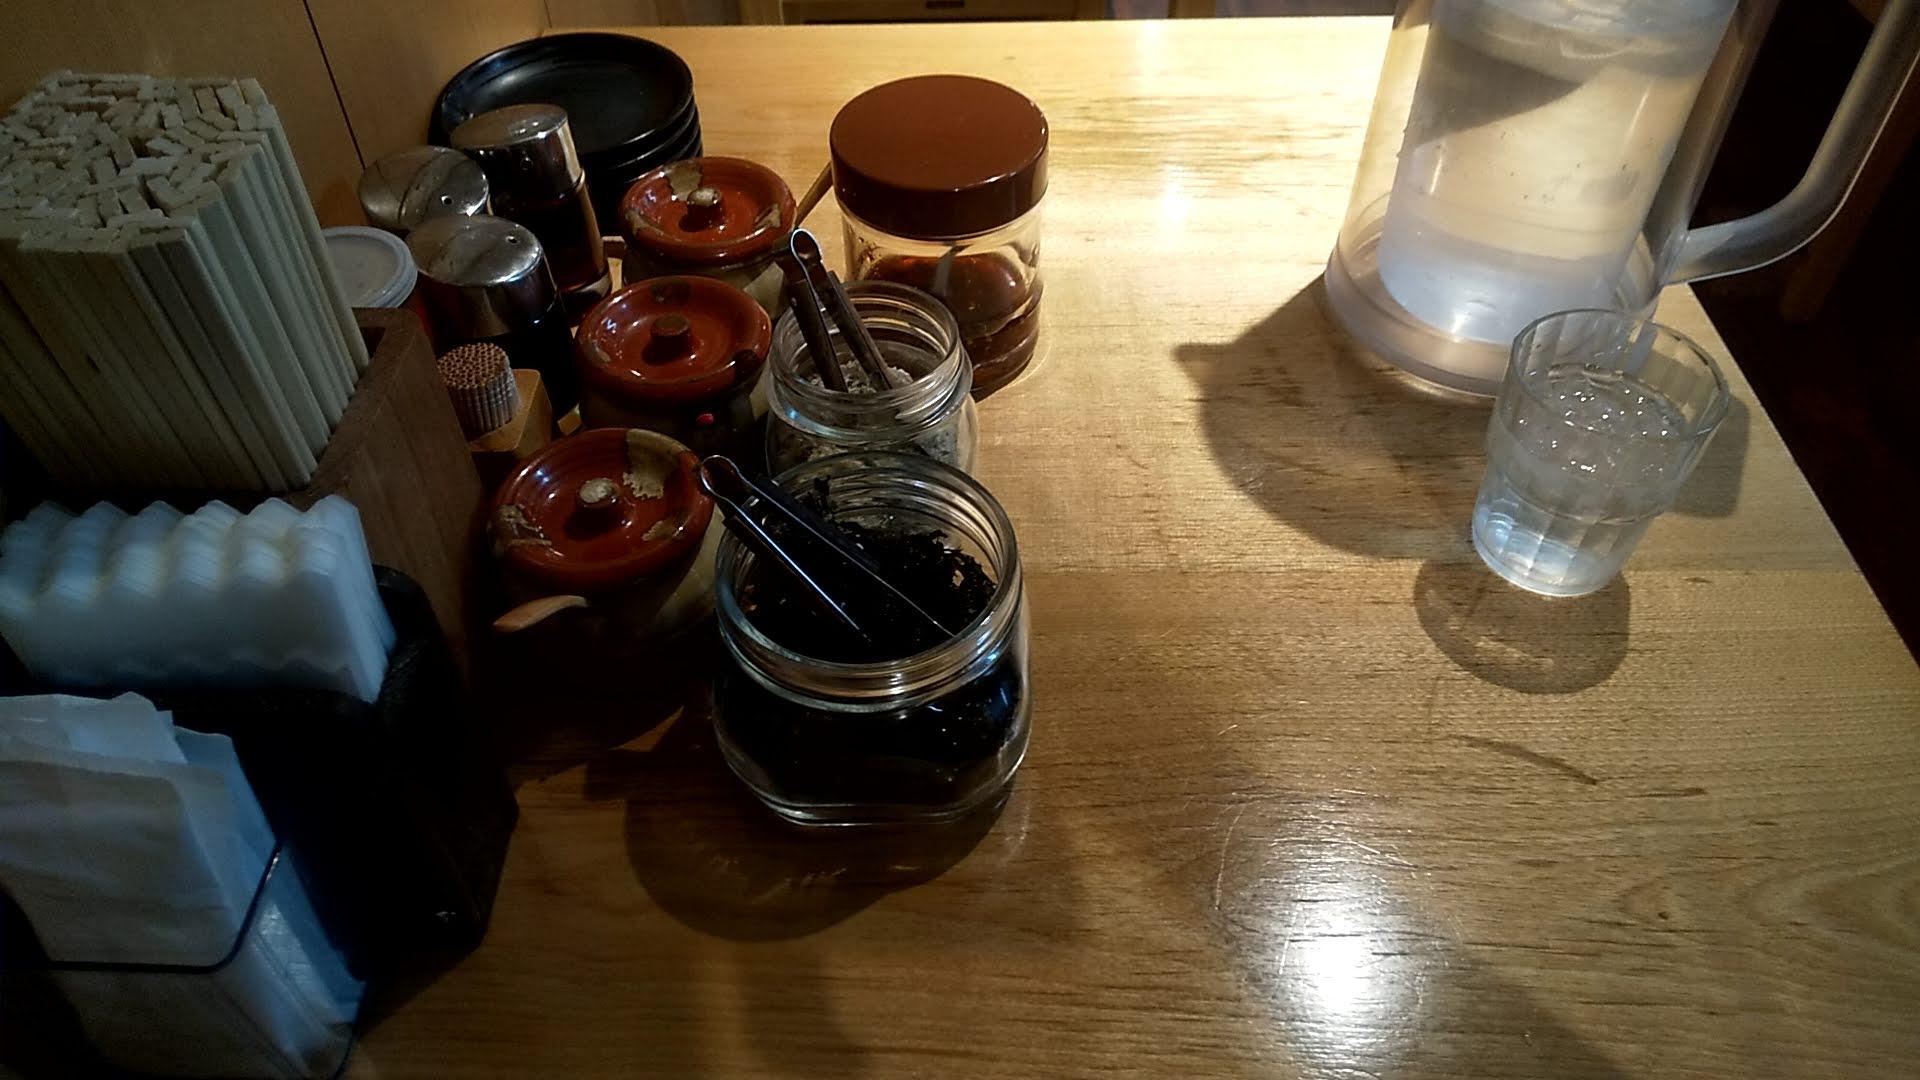 俺流塩ラーメン渋谷公園通り店の卓上